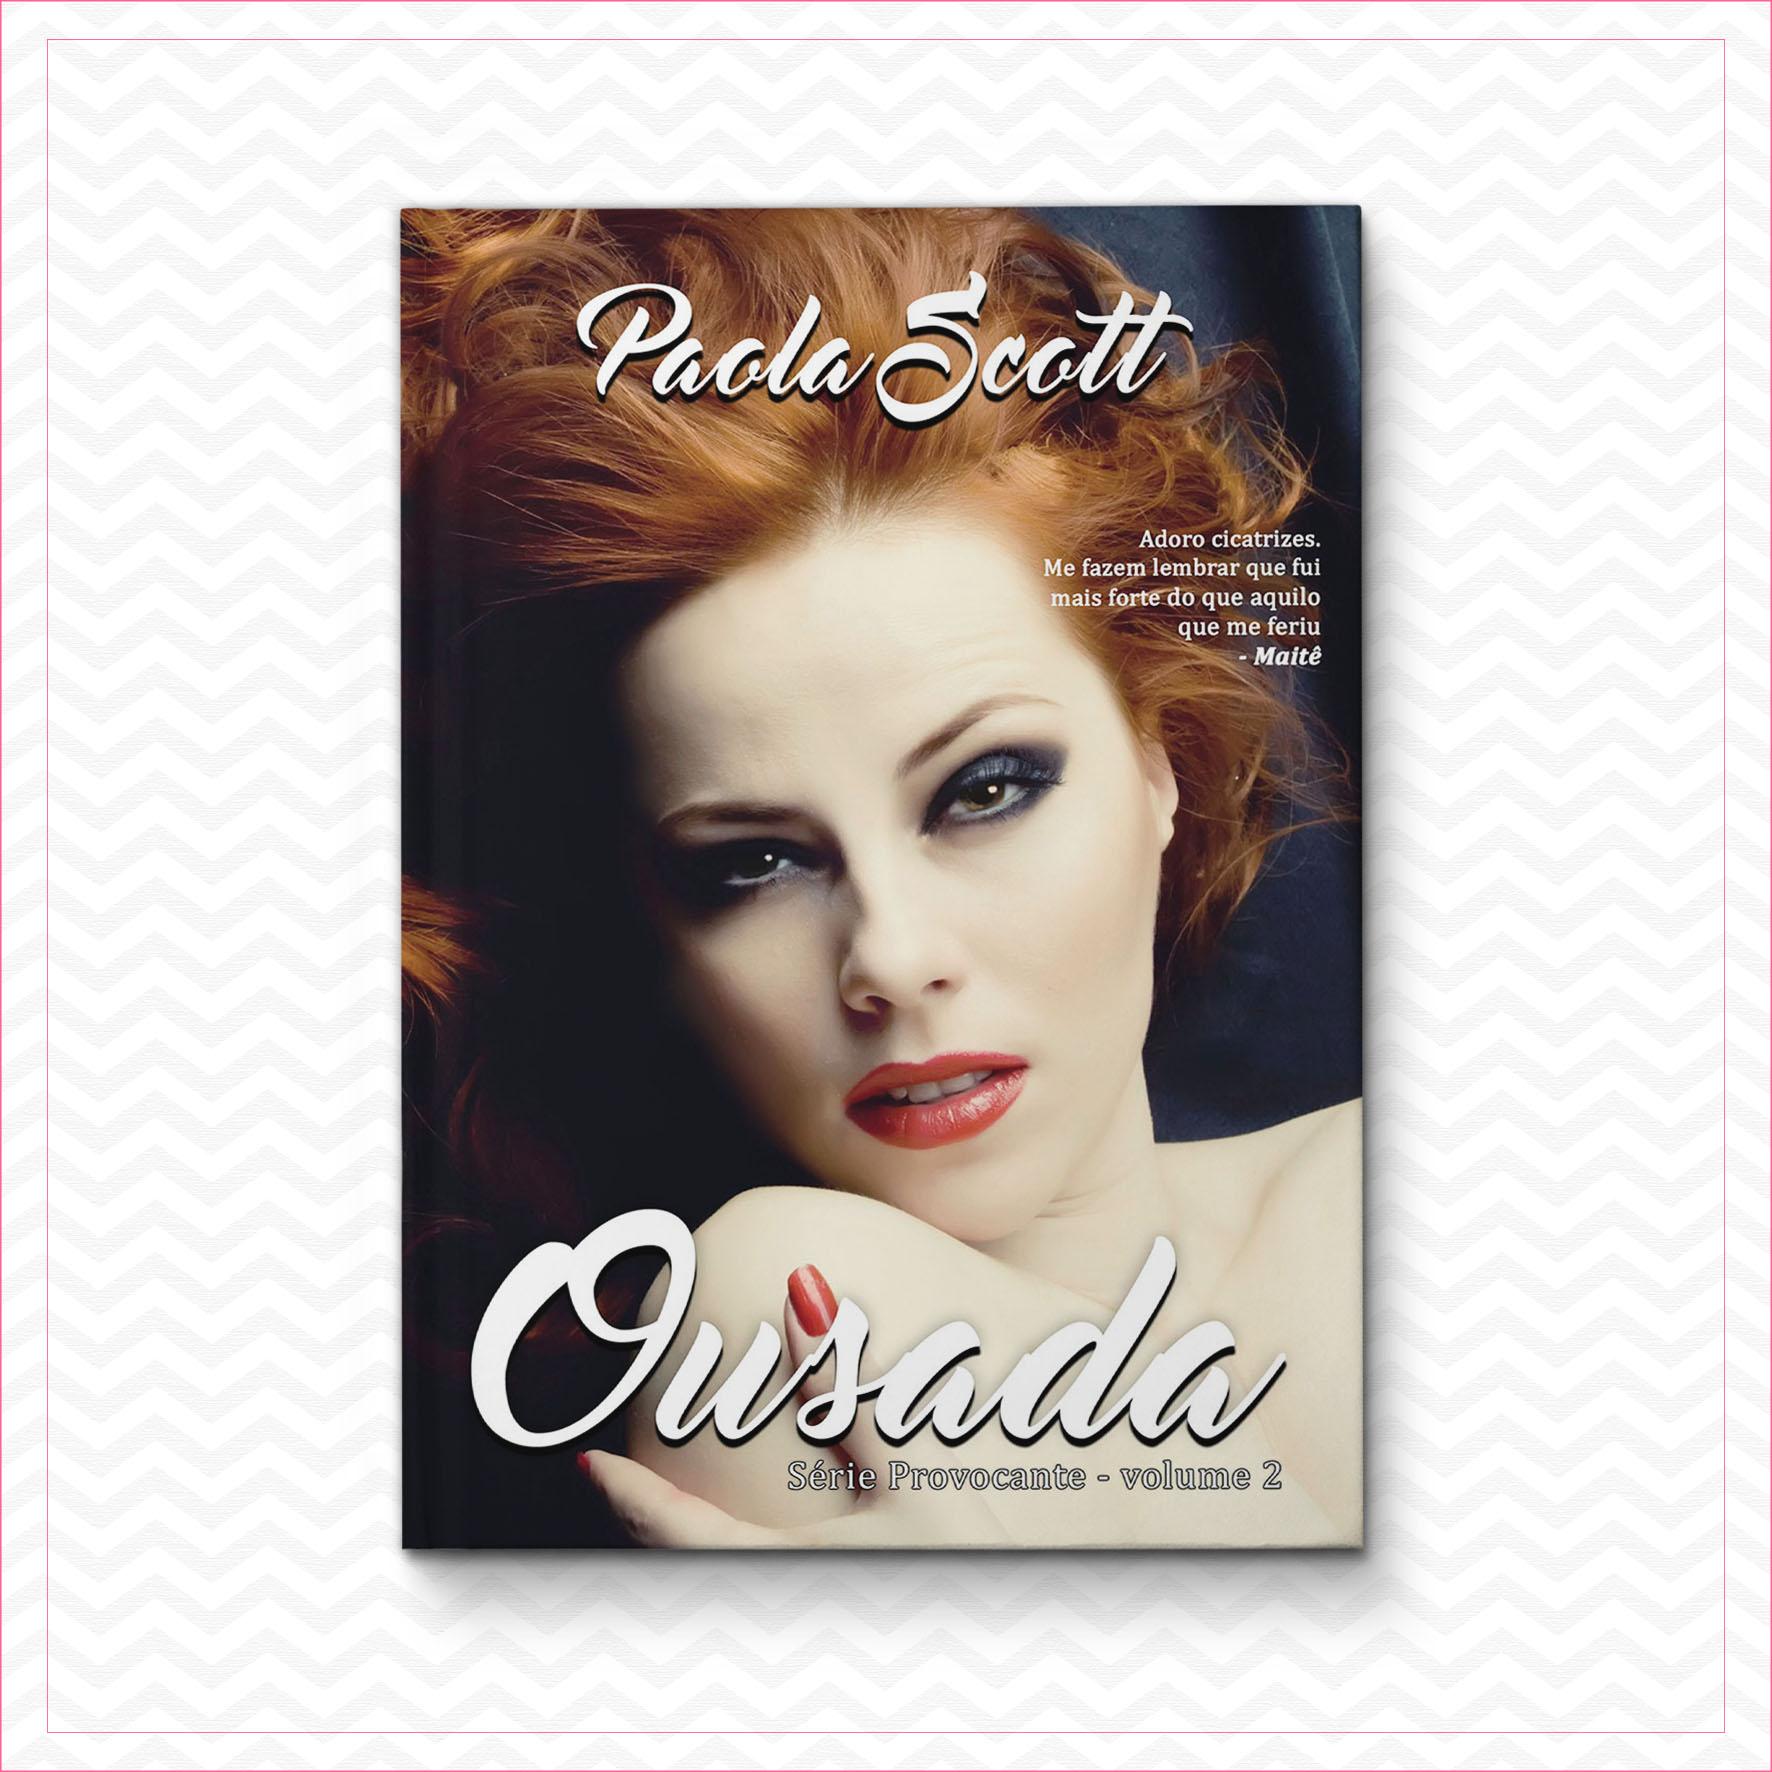 Ousada – Série Provocante – Volume 2 – Paola Scott